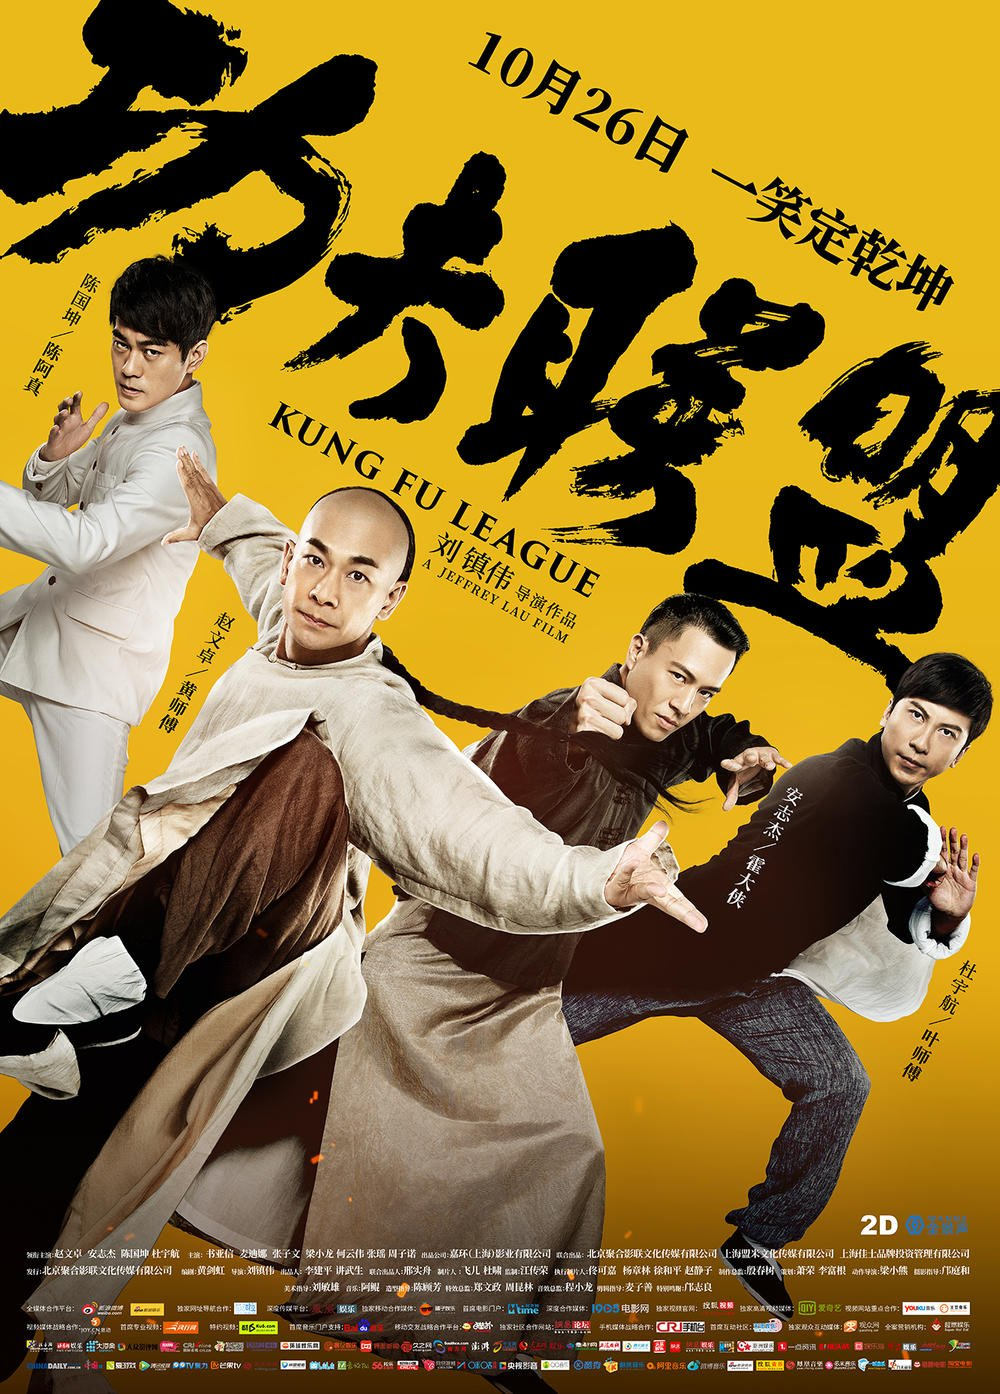 Gong fu lian meng (2018) - IMDb